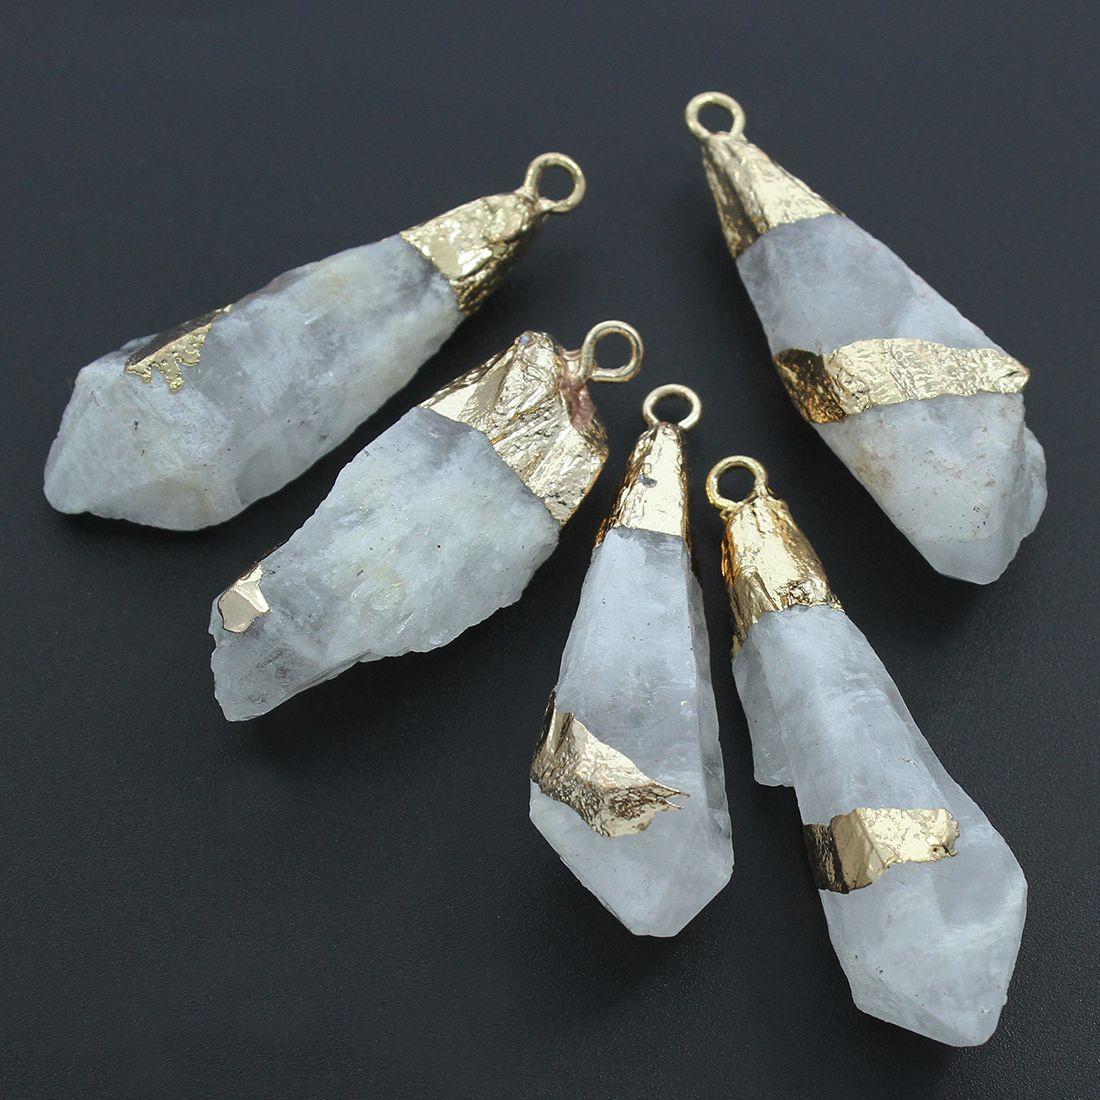 579738bf9 1ks Crystal Bílé Pruhované Zlaté Druzy Slza Pokles / Zboží prodejce ...